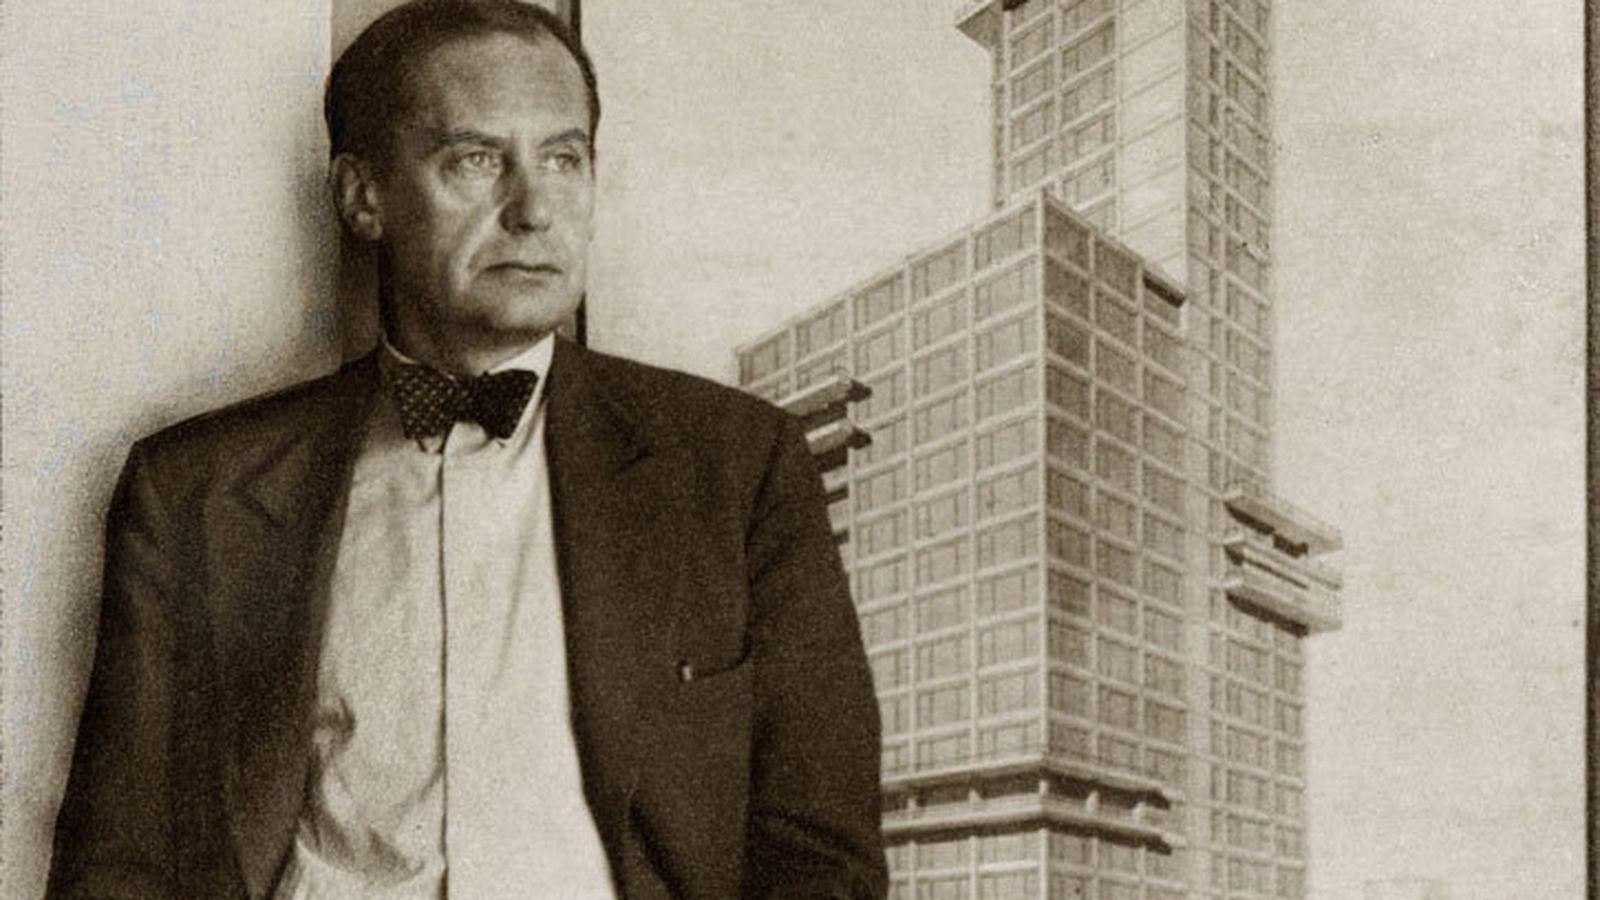 El estilo perdura: 133 años de Walter Gropius